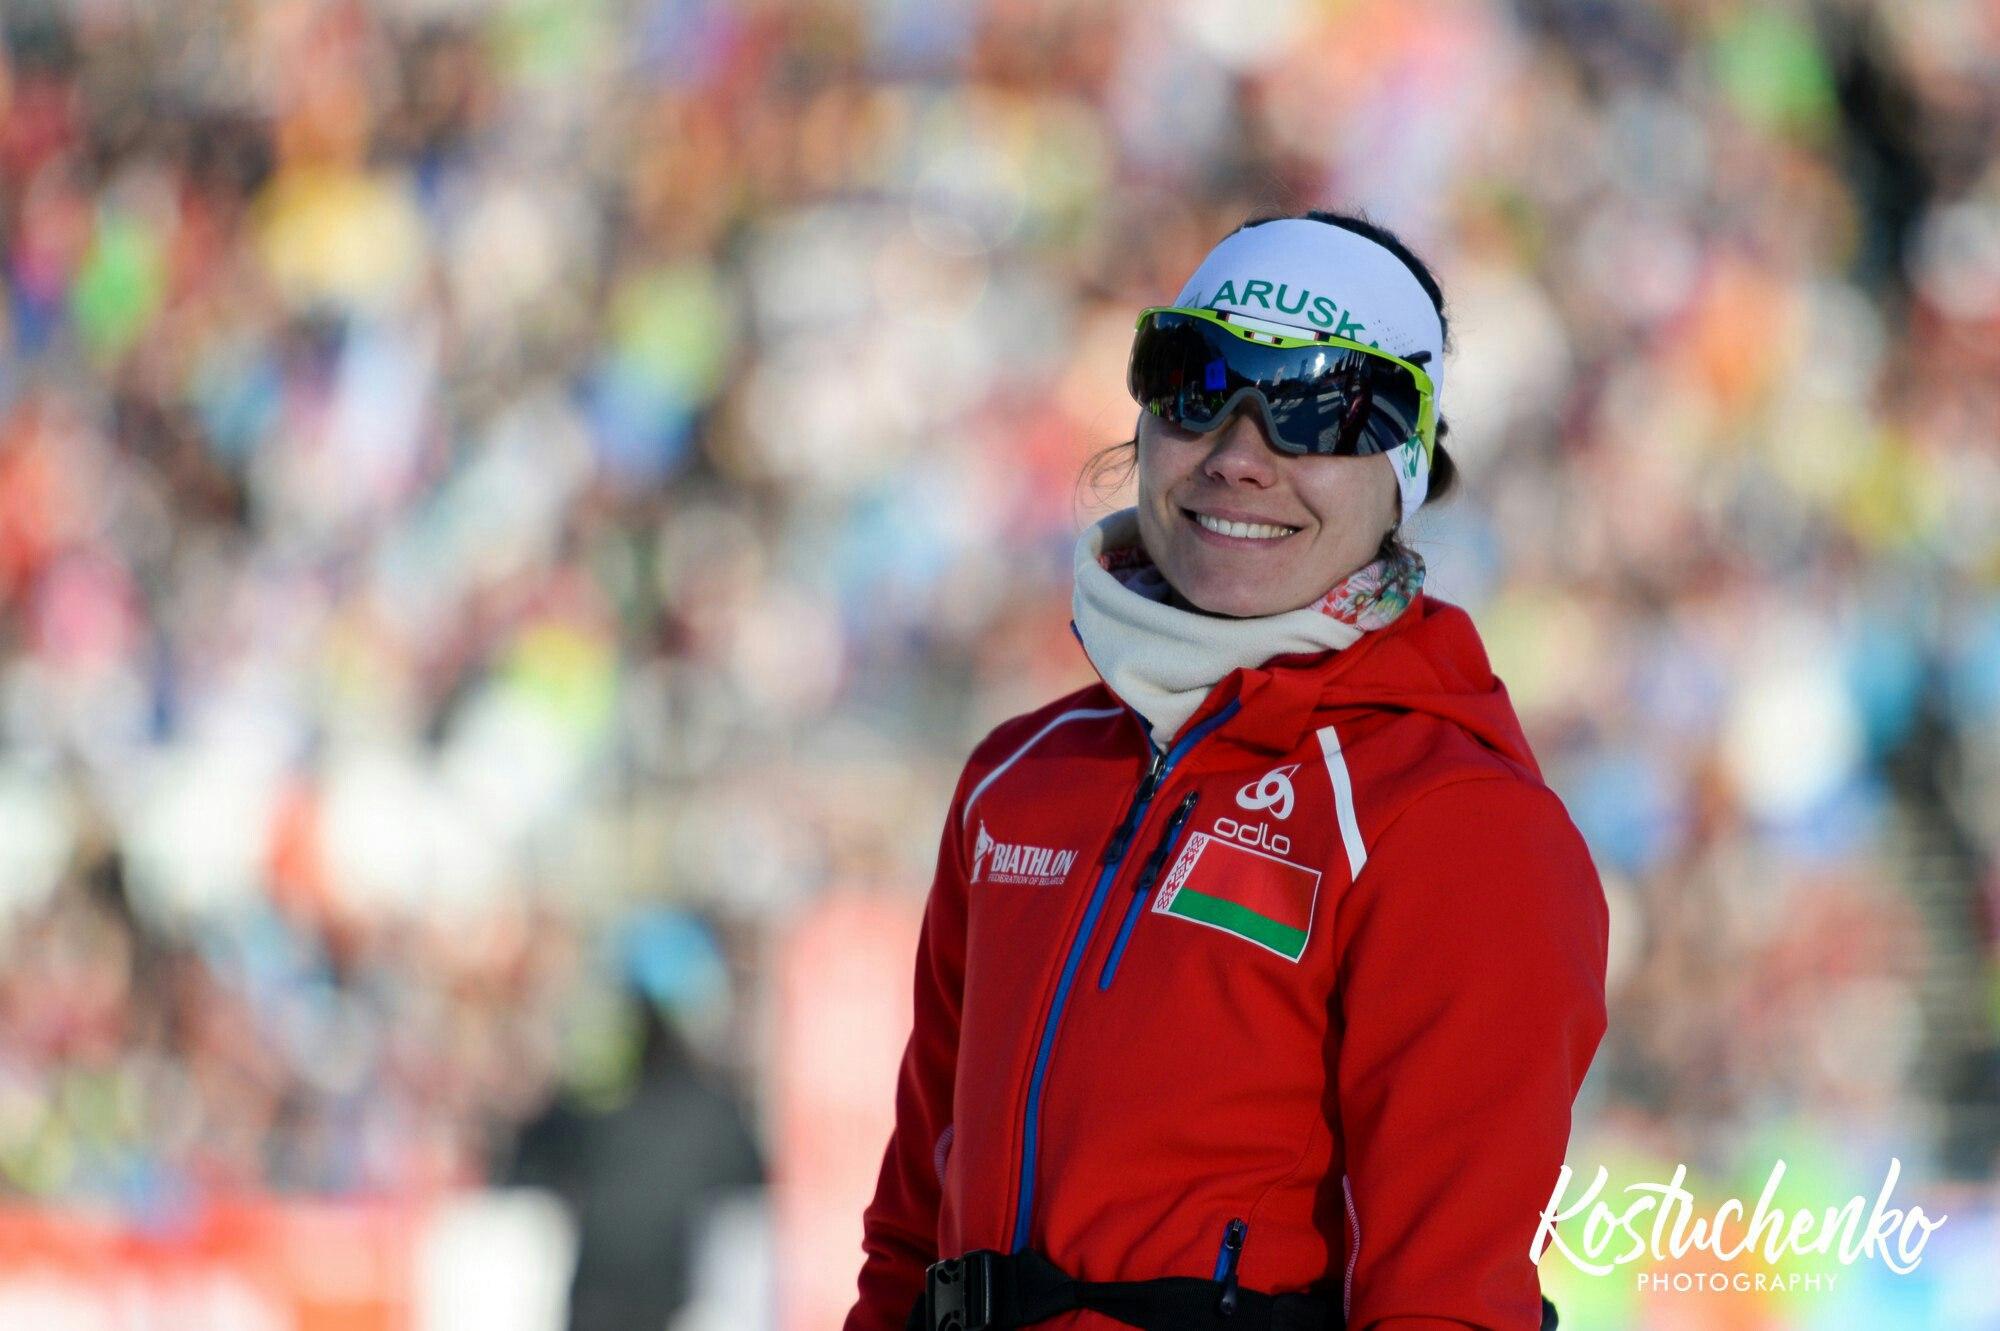 Родная сестра Шипулина выиграла спринтерскую гонку вАнси